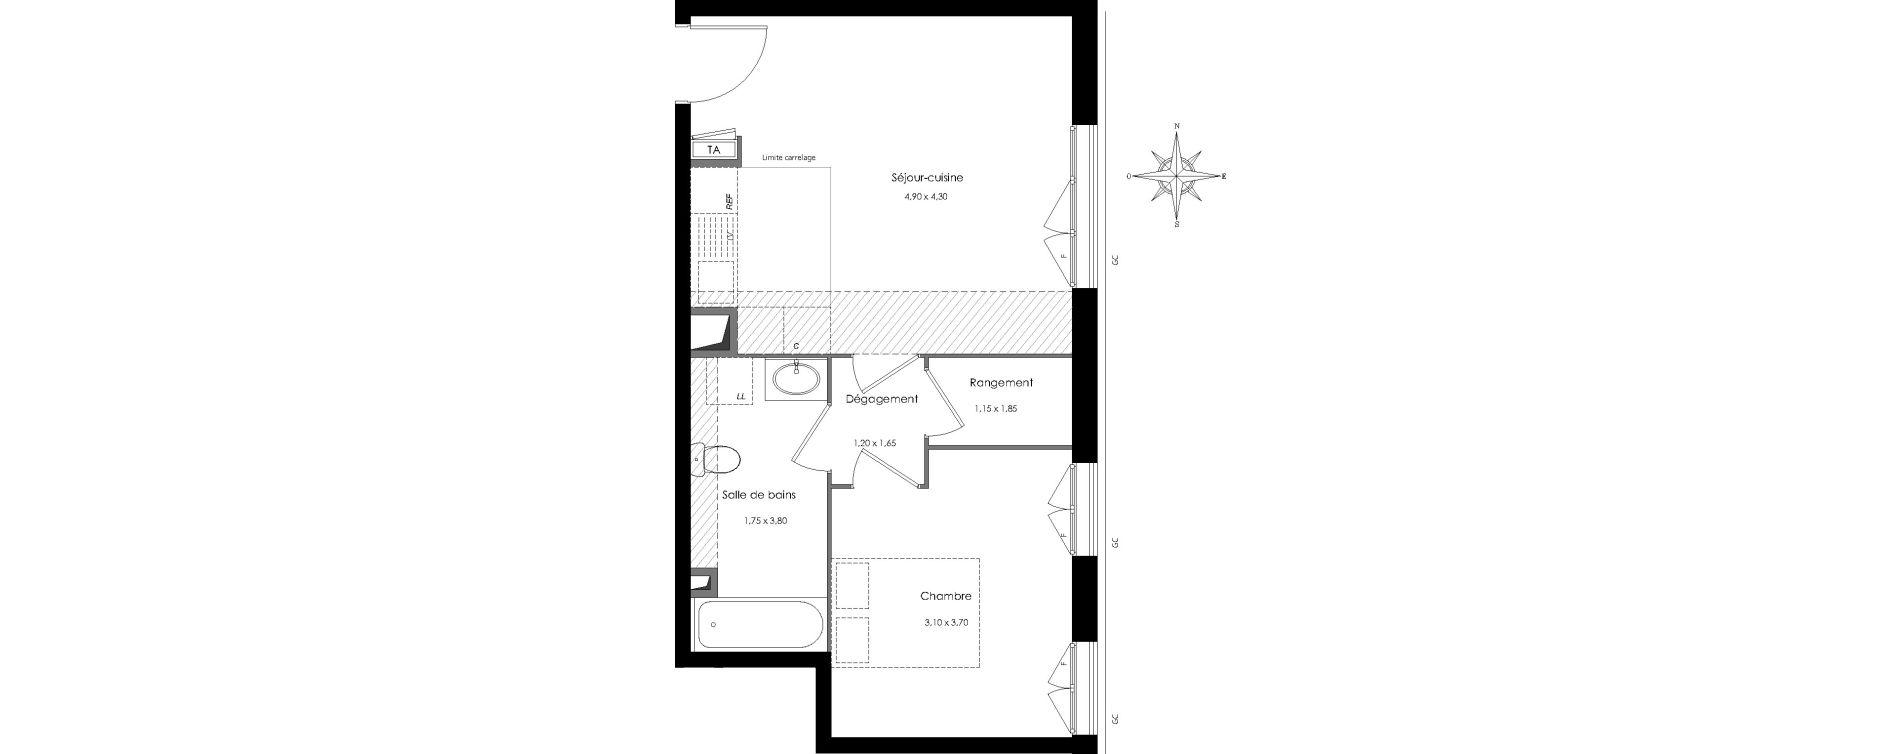 Appartement T2 de 42,11 m2 au Perreux-Sur-Marne Centre